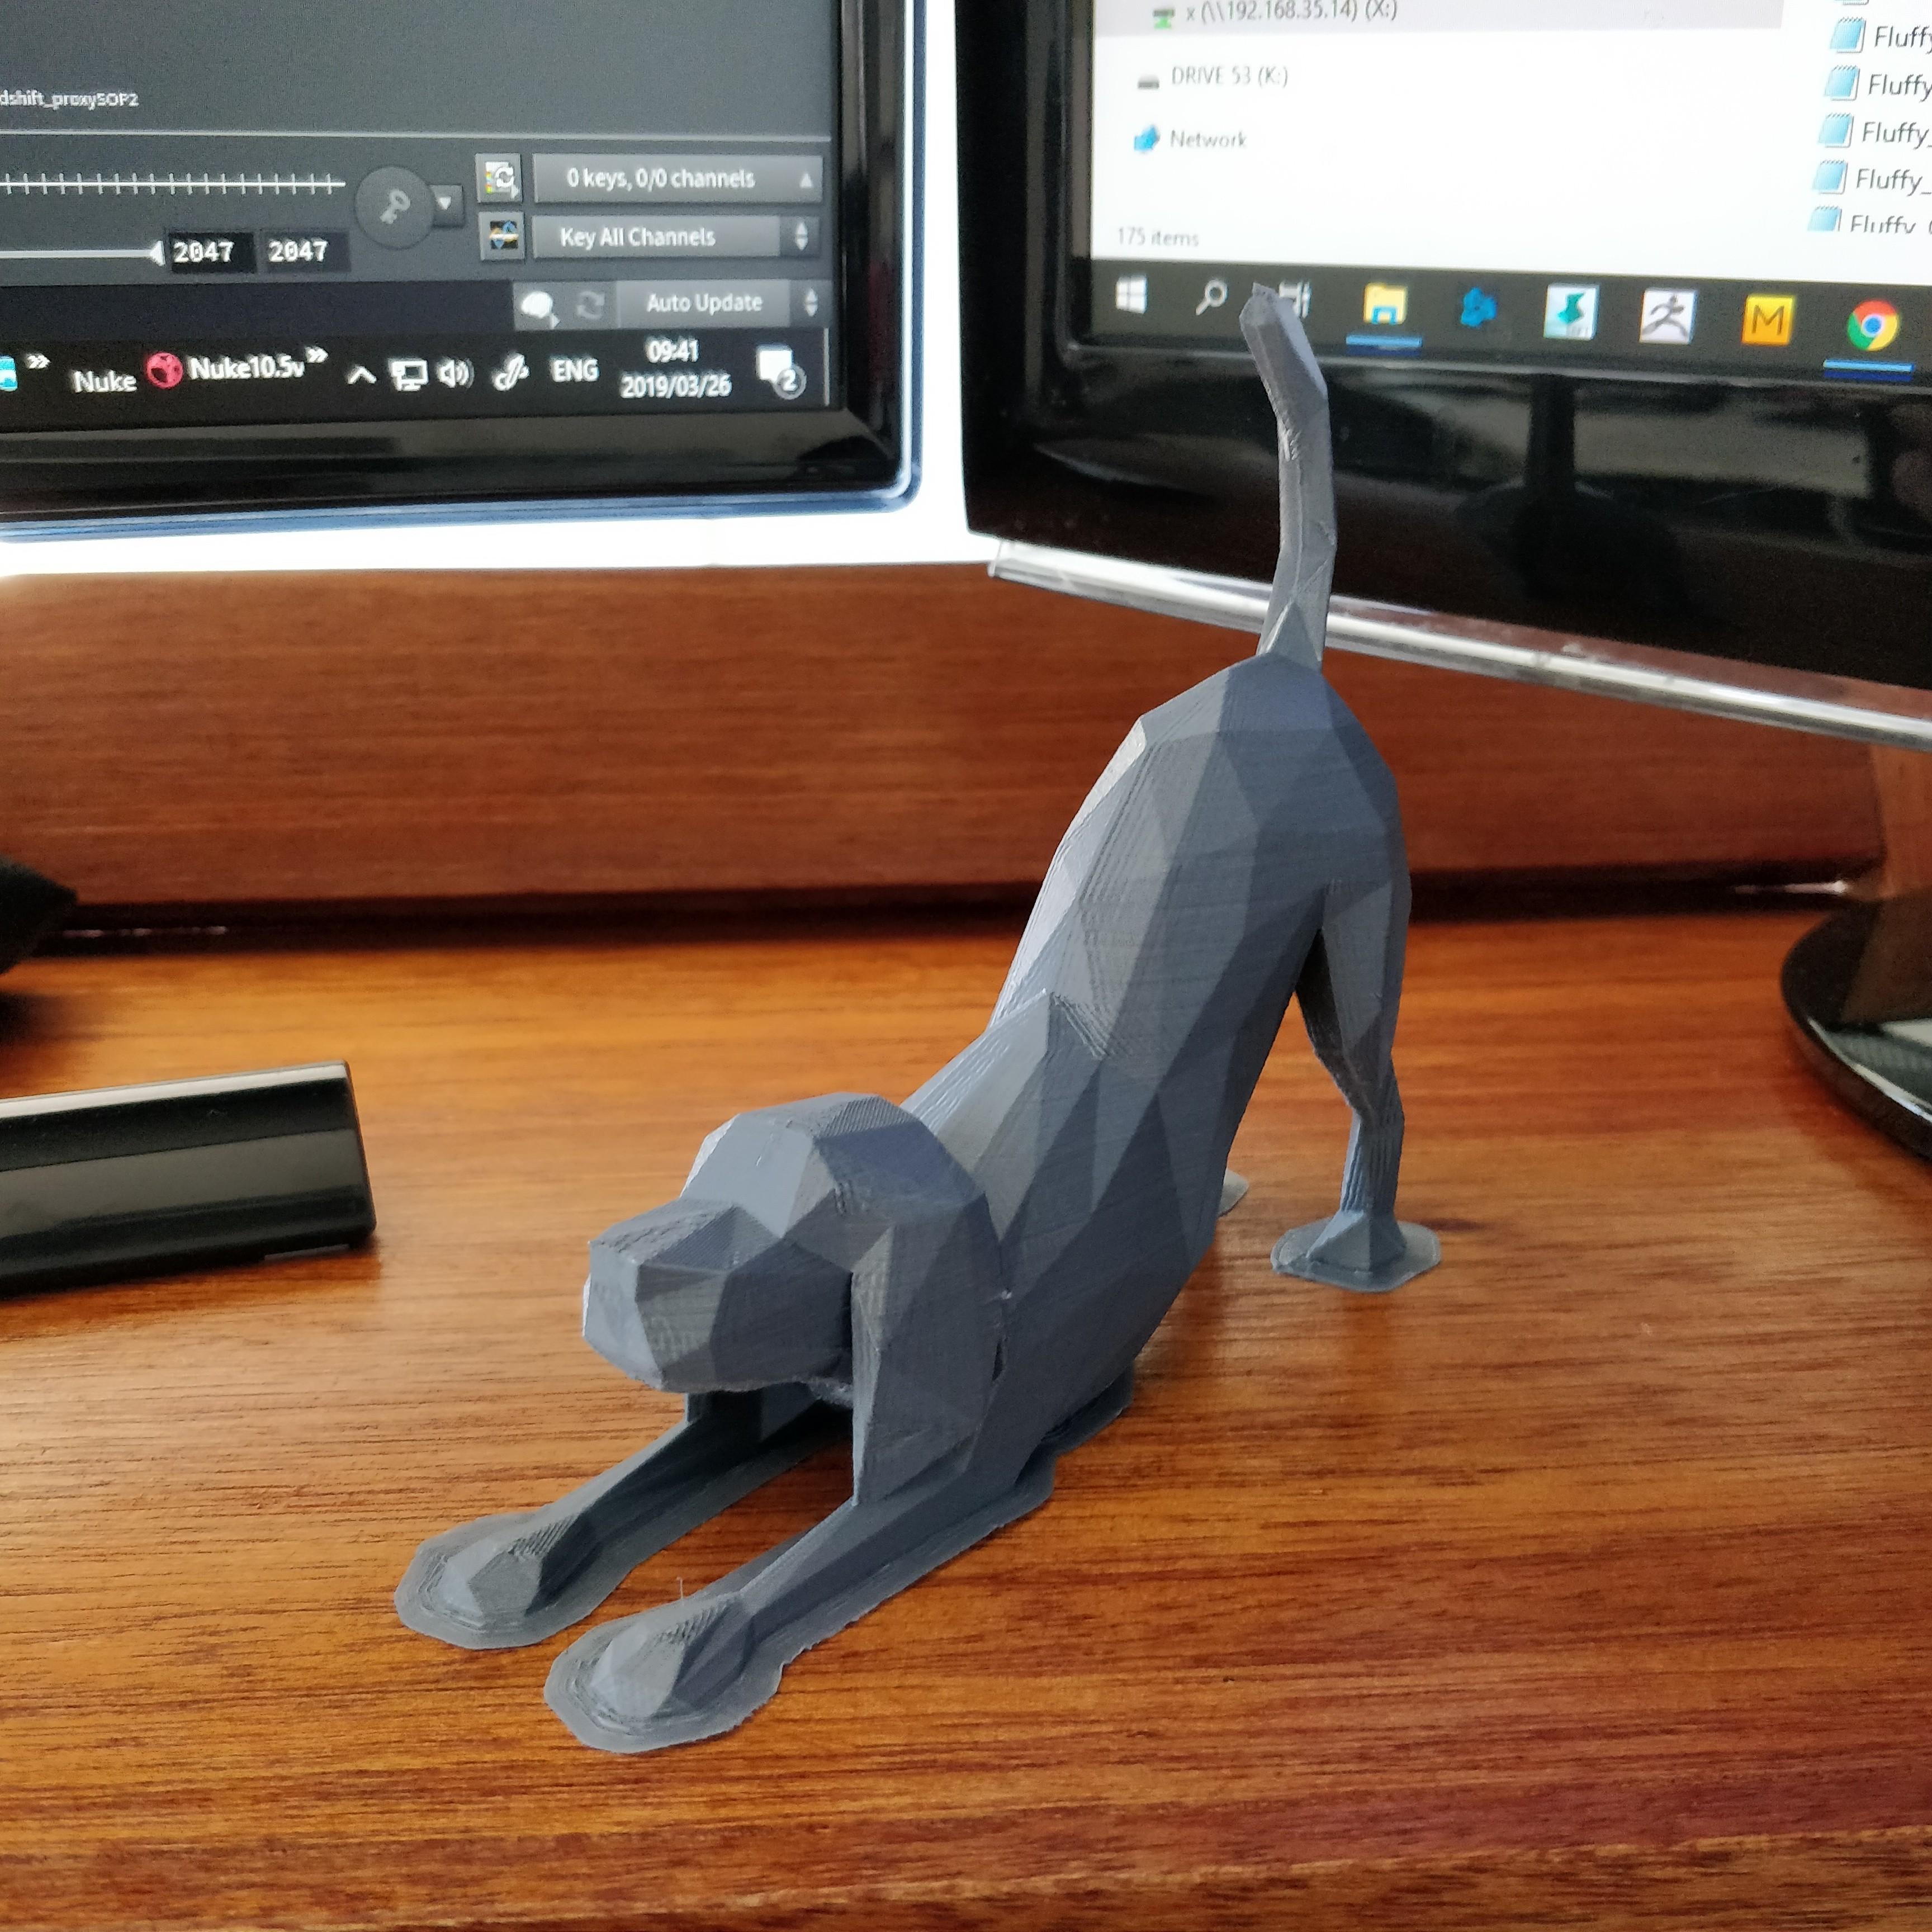 low_poly_dog_brim.jpg Télécharger fichier STL gratuit Chien Polygonal • Objet pour impression 3D, Randy_Z